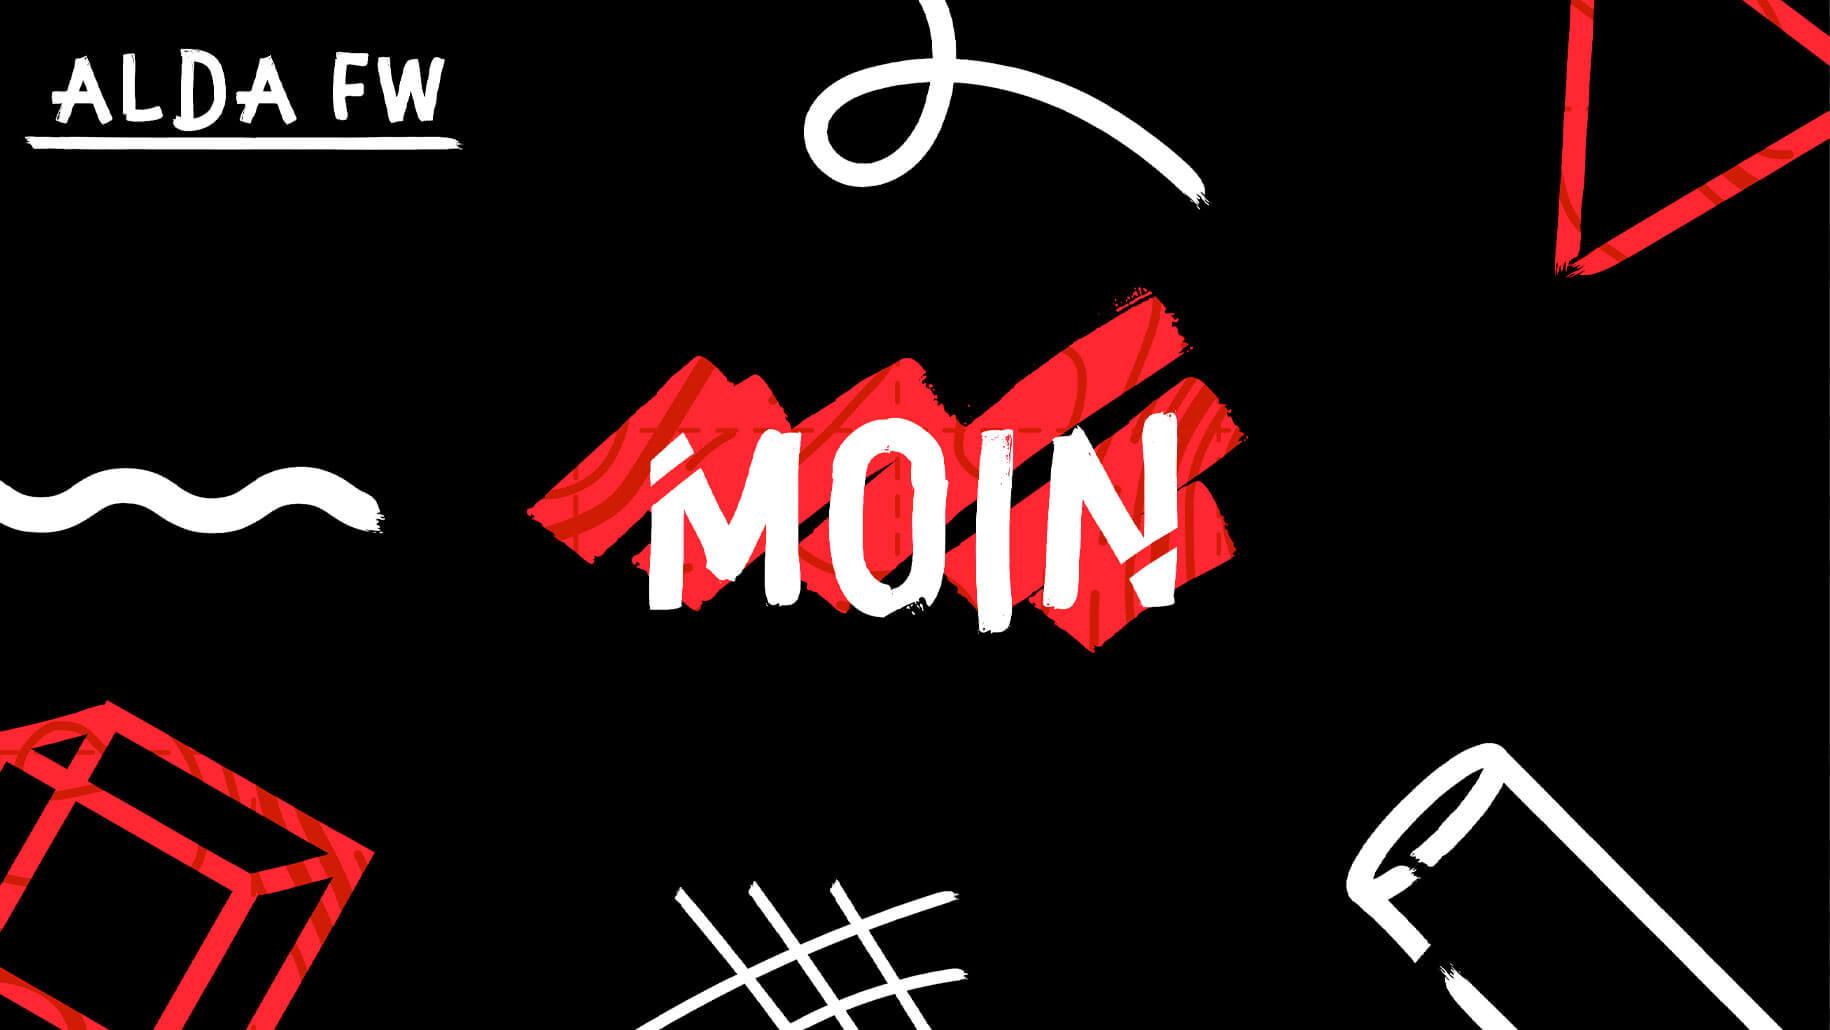 fabian-wolfram-fonts-alda-fw-slide-001